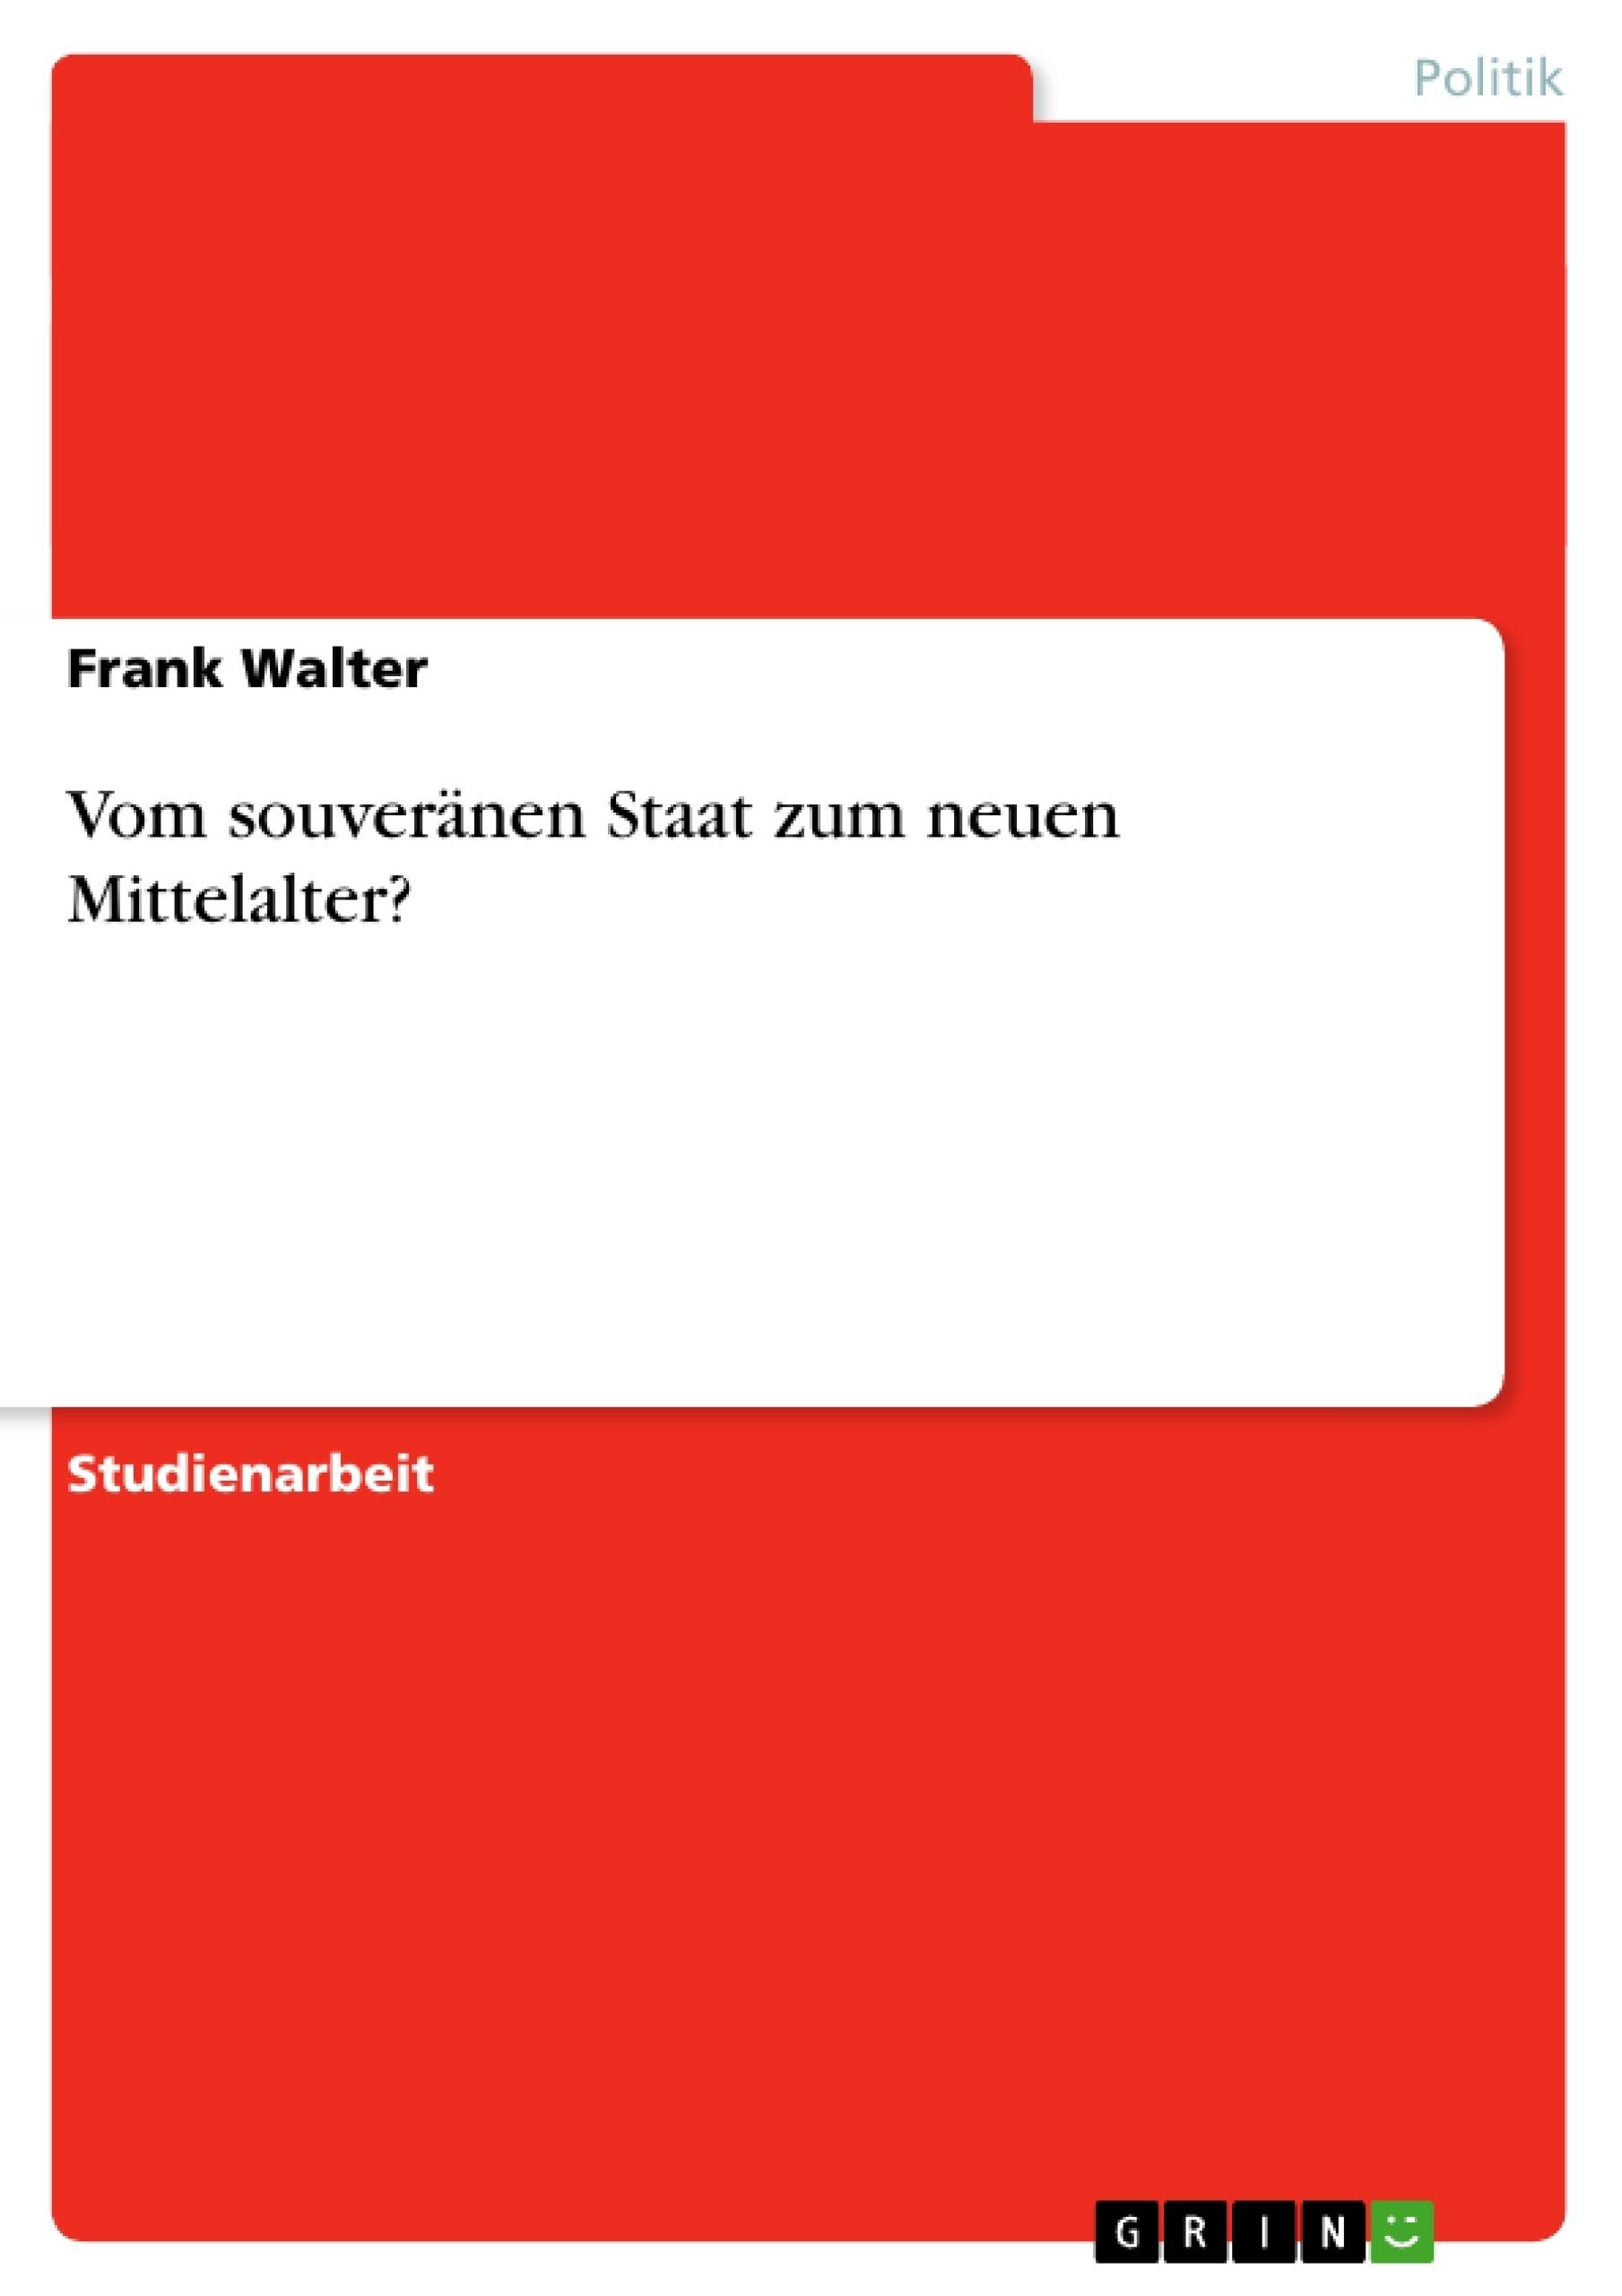 Titel: Vom souveränen Staat zum neuen Mittelalter?